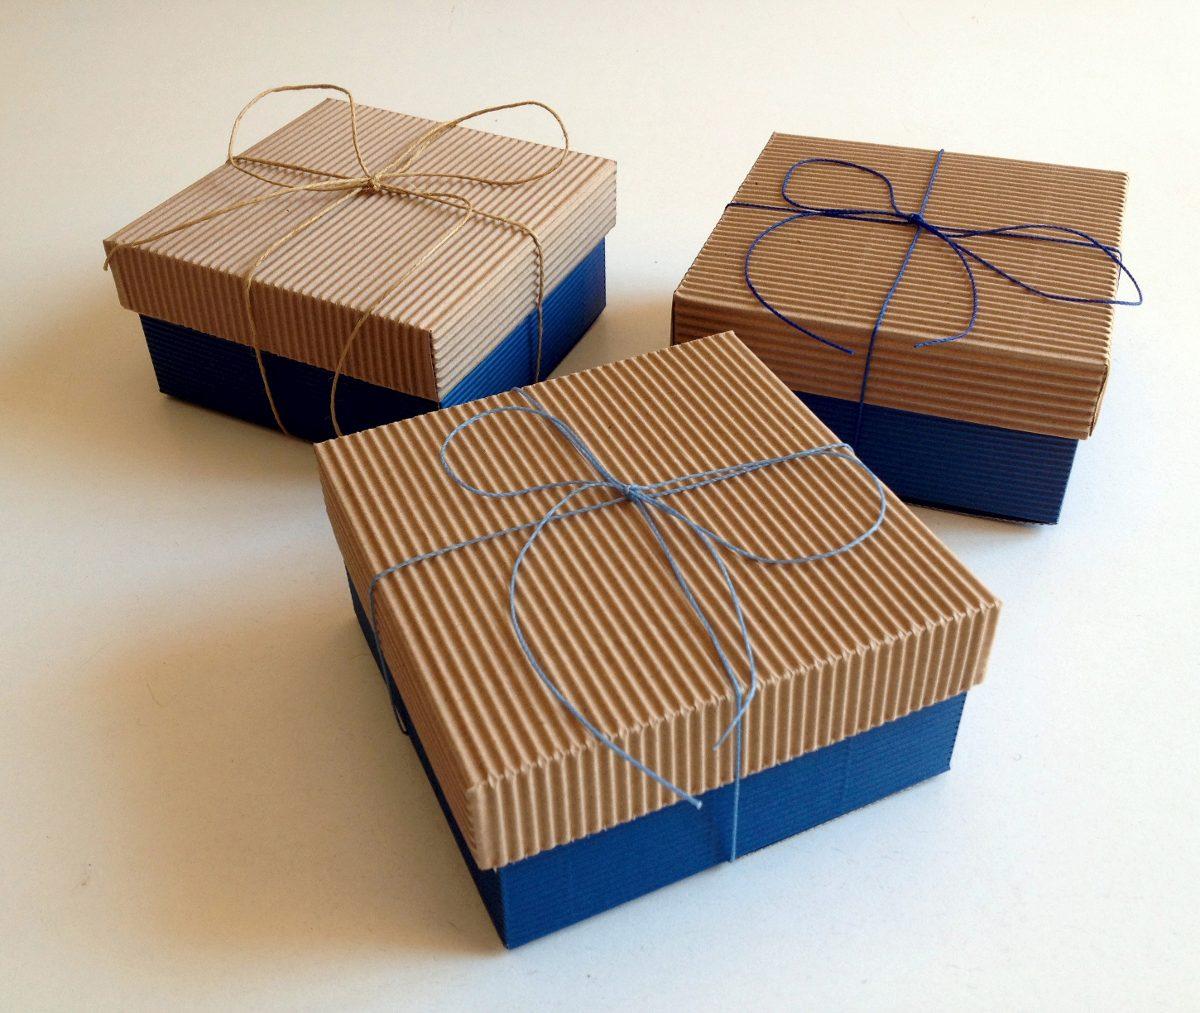 Cajas de cart n para souvenirs regalos golosinas y for Cajas de regalo de carton